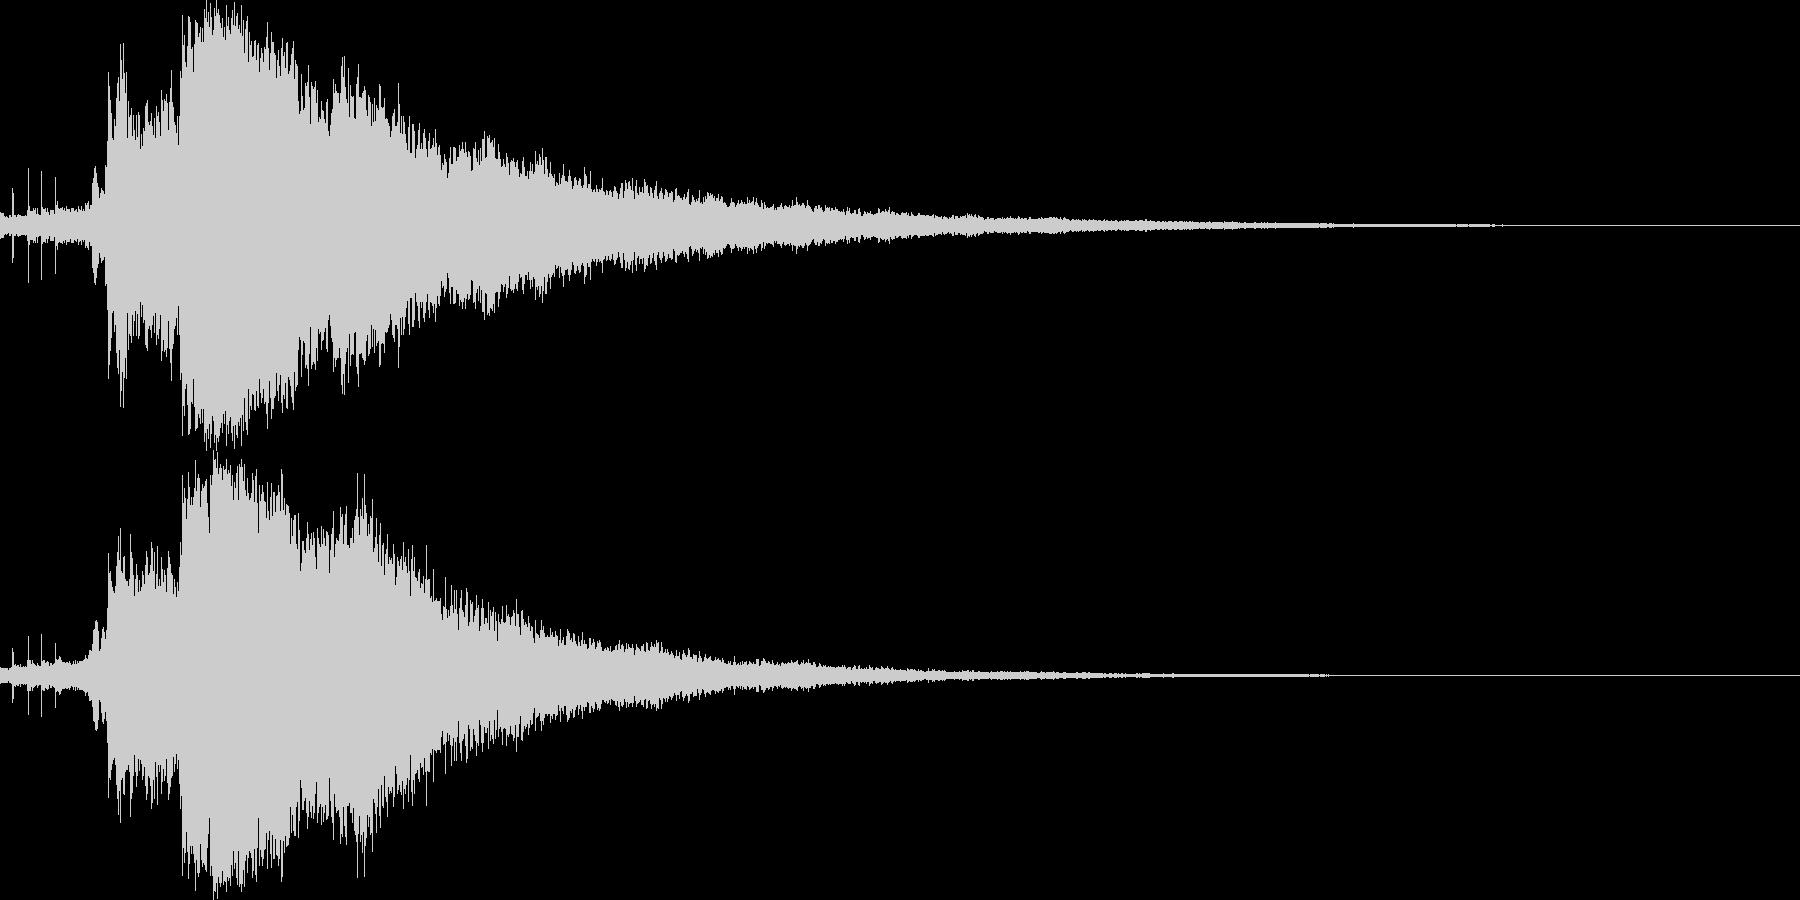 キラキラ☆シャキーン(輝きや魔法等)7bの未再生の波形